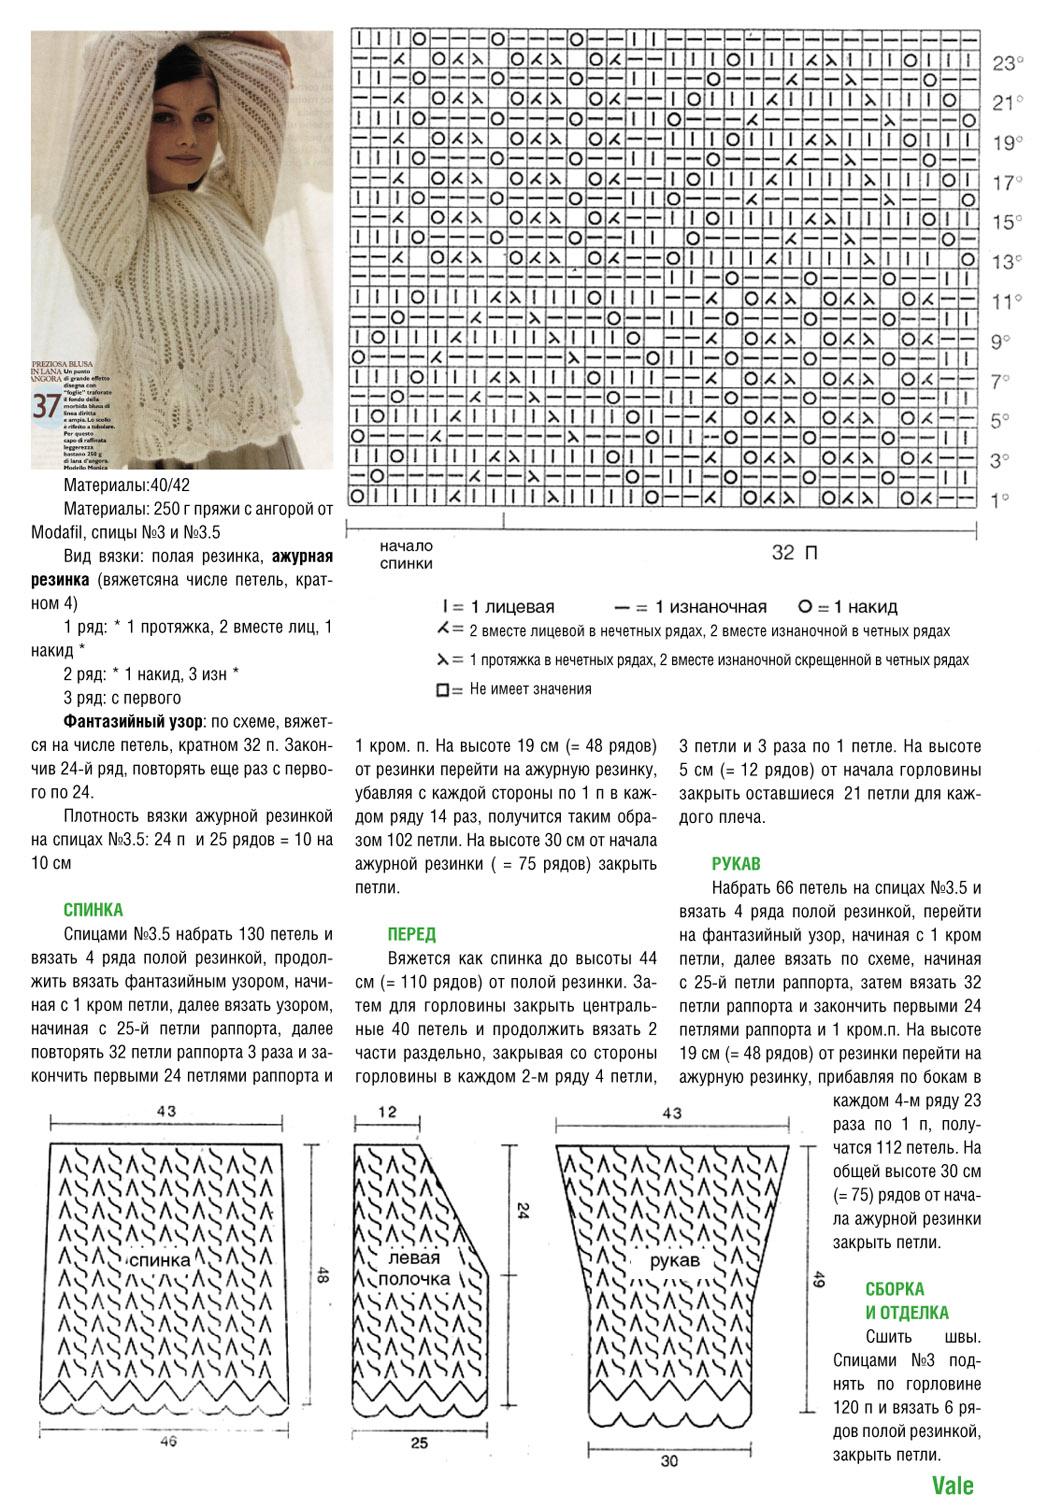 Схема вязания спицами ажурные узоры схема вязанияспицами 39